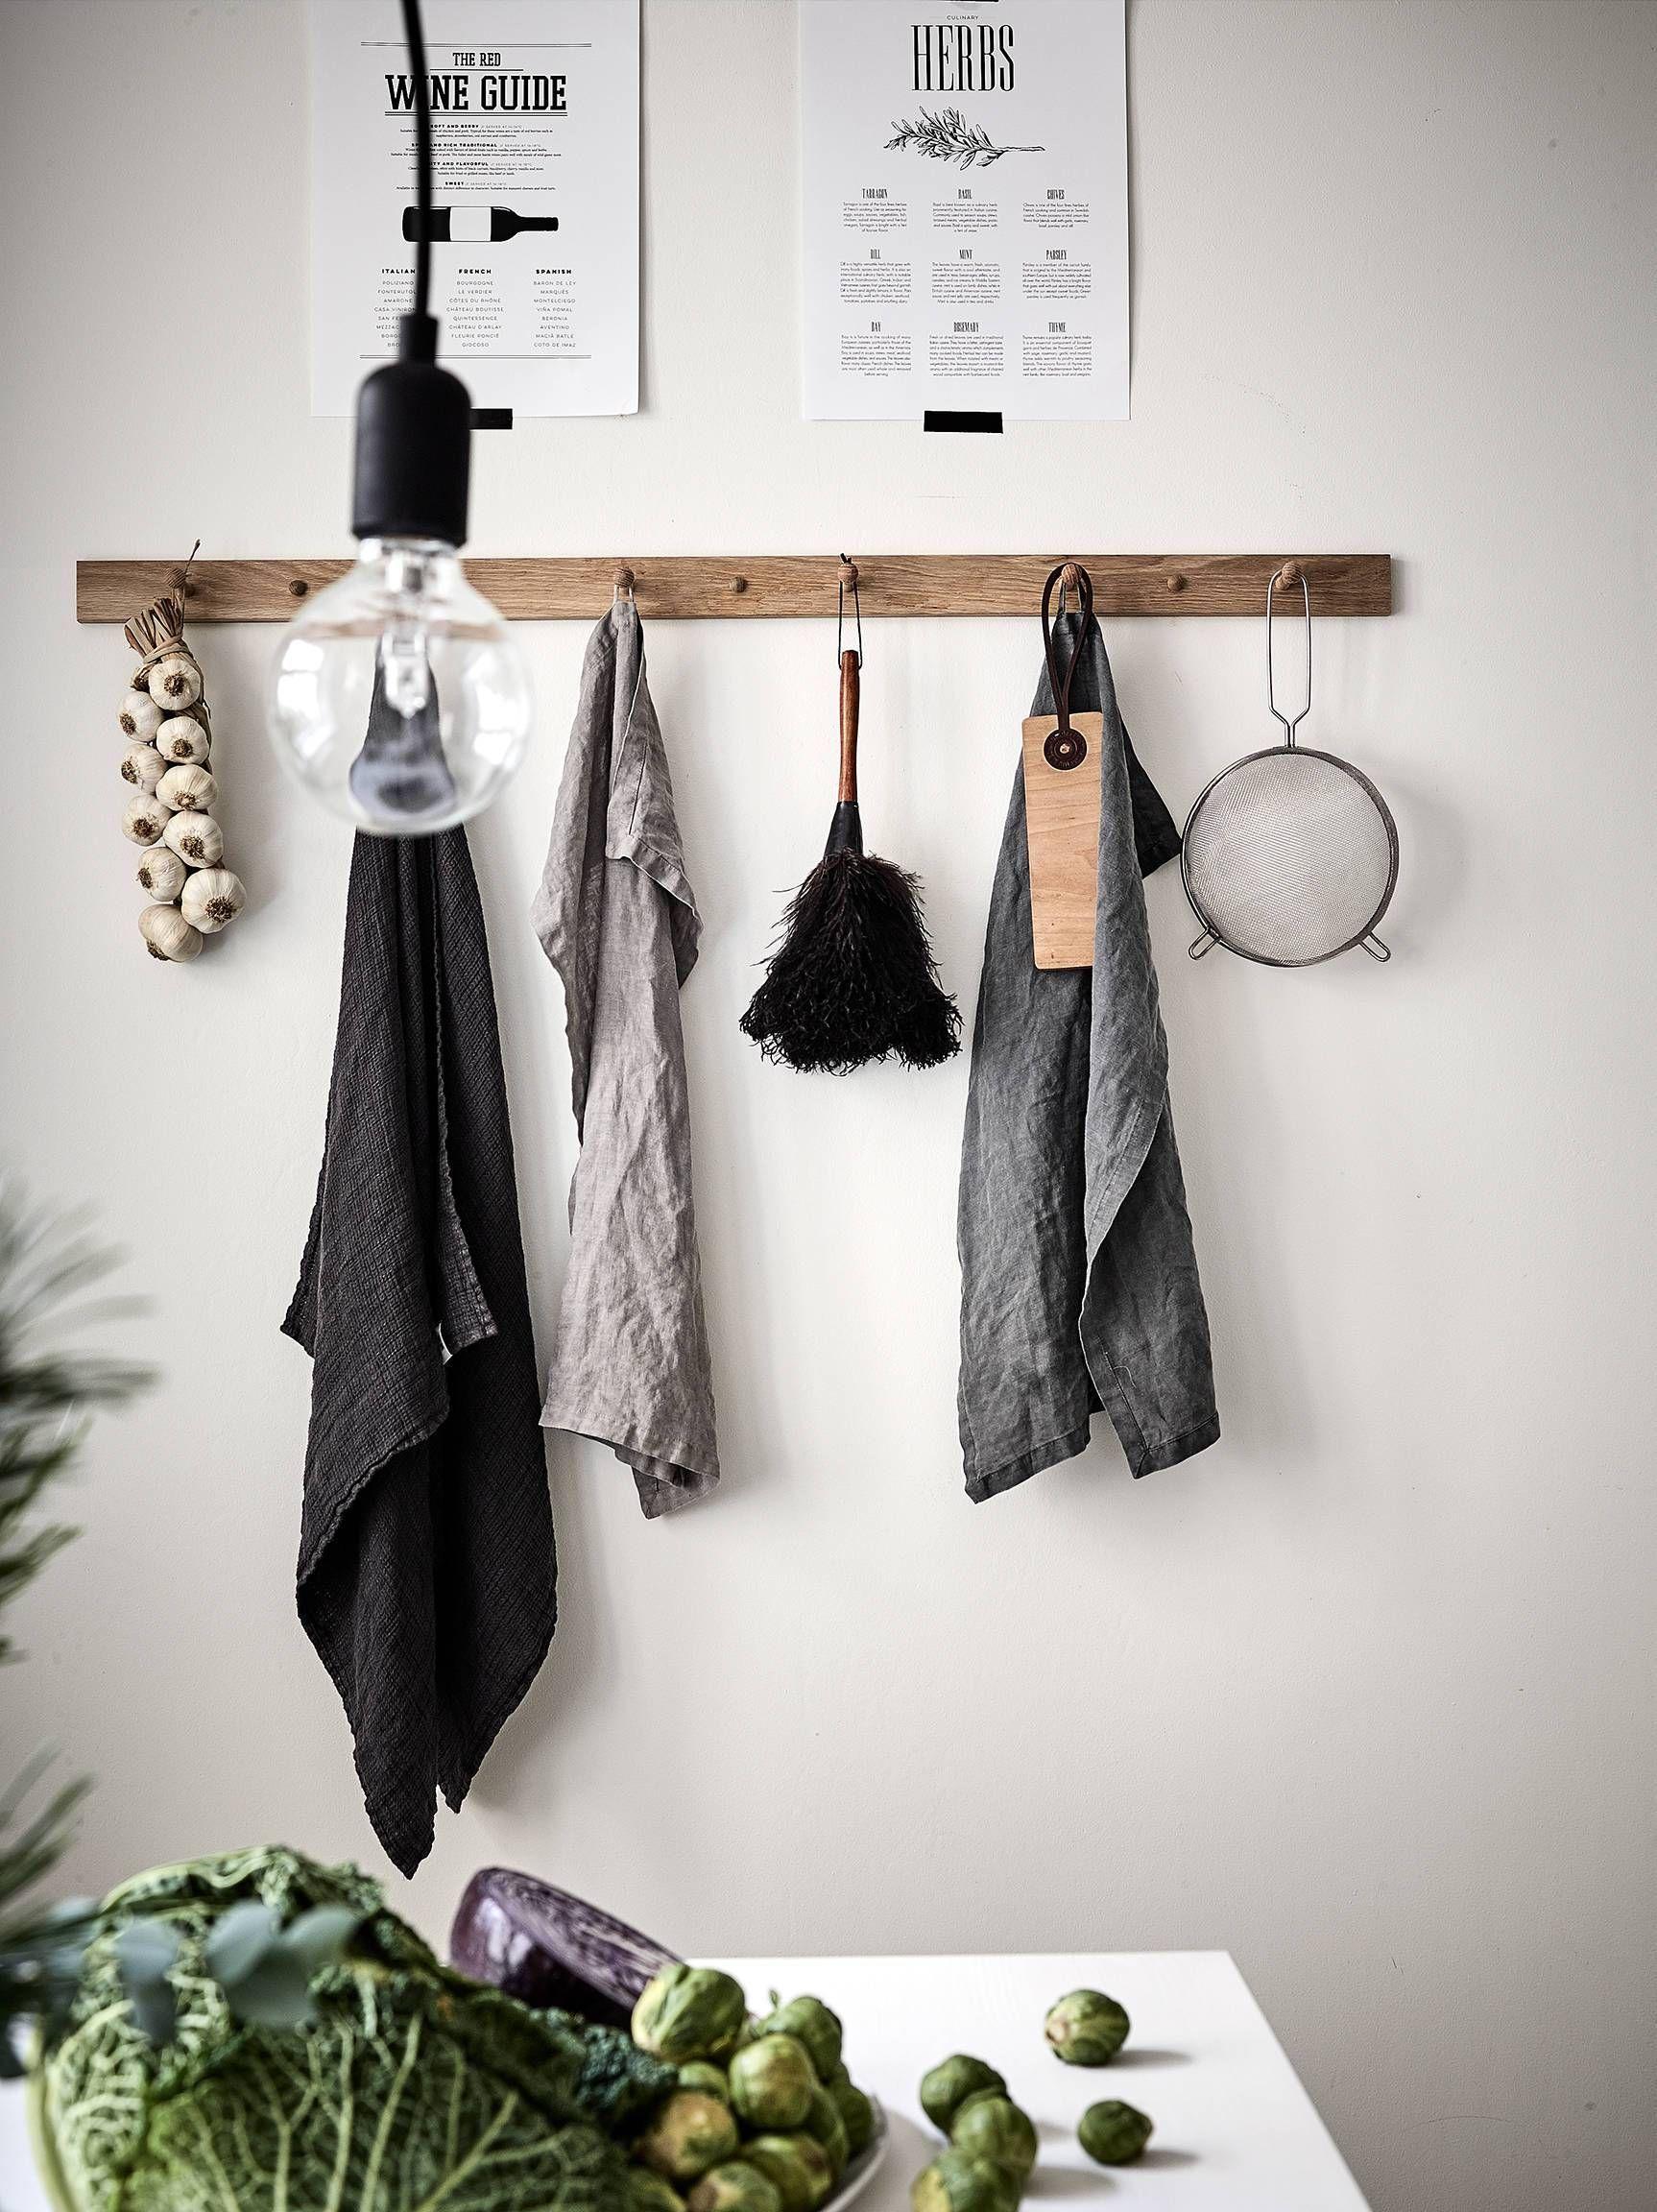 8 giải pháp lưu trữ bếp 1